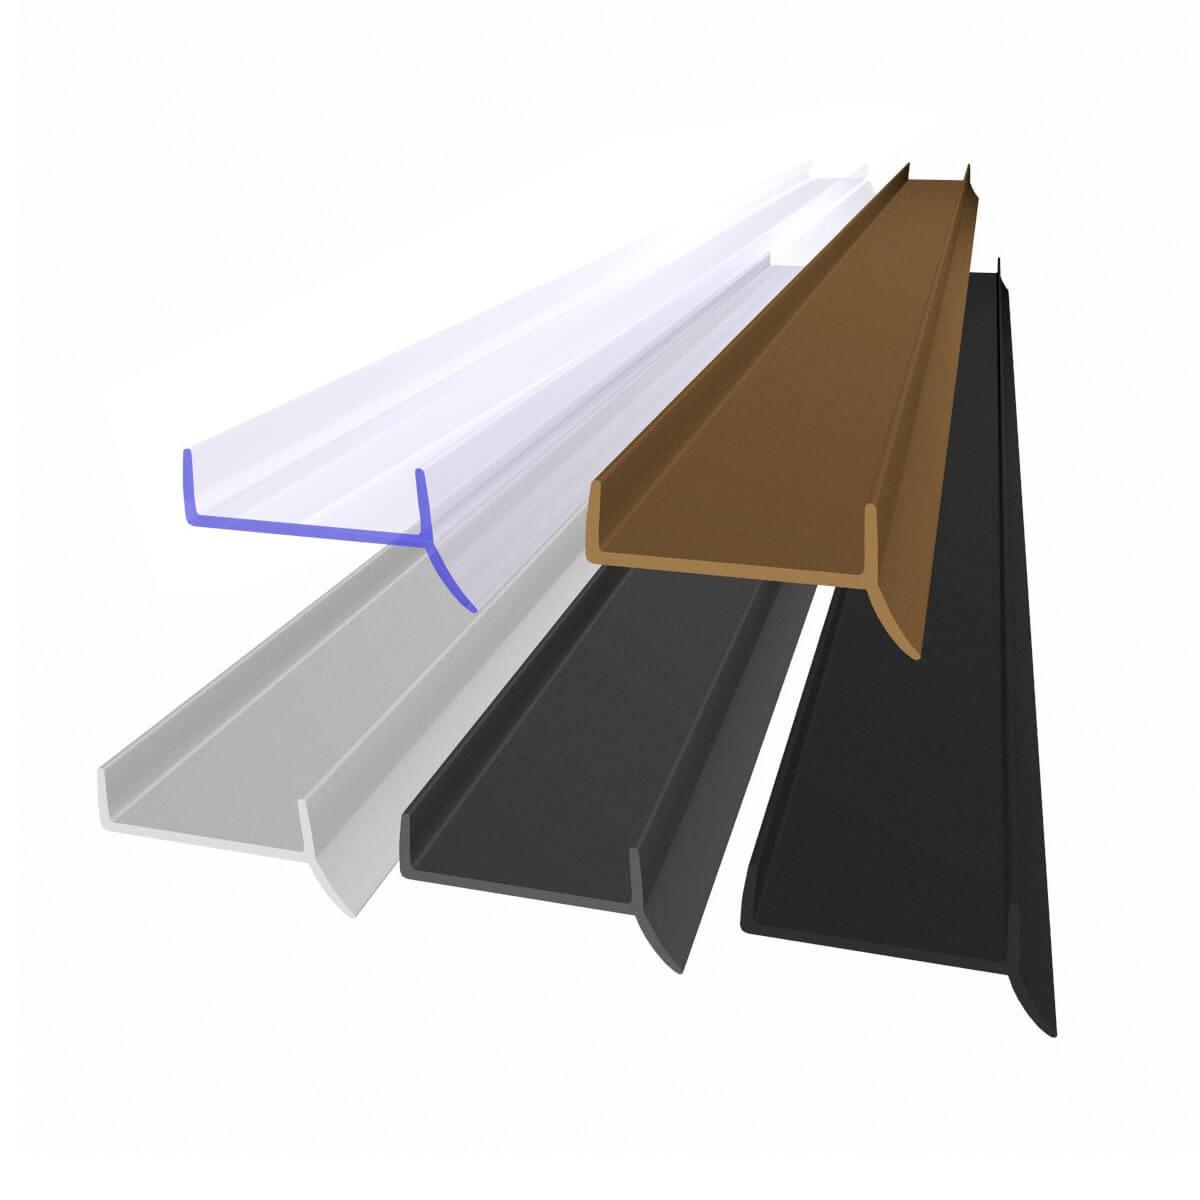 1,5m Küchensockel Abdichtungsprofil 18mm Küchensockeldichtung Küchensockel Abdichtungsprofil